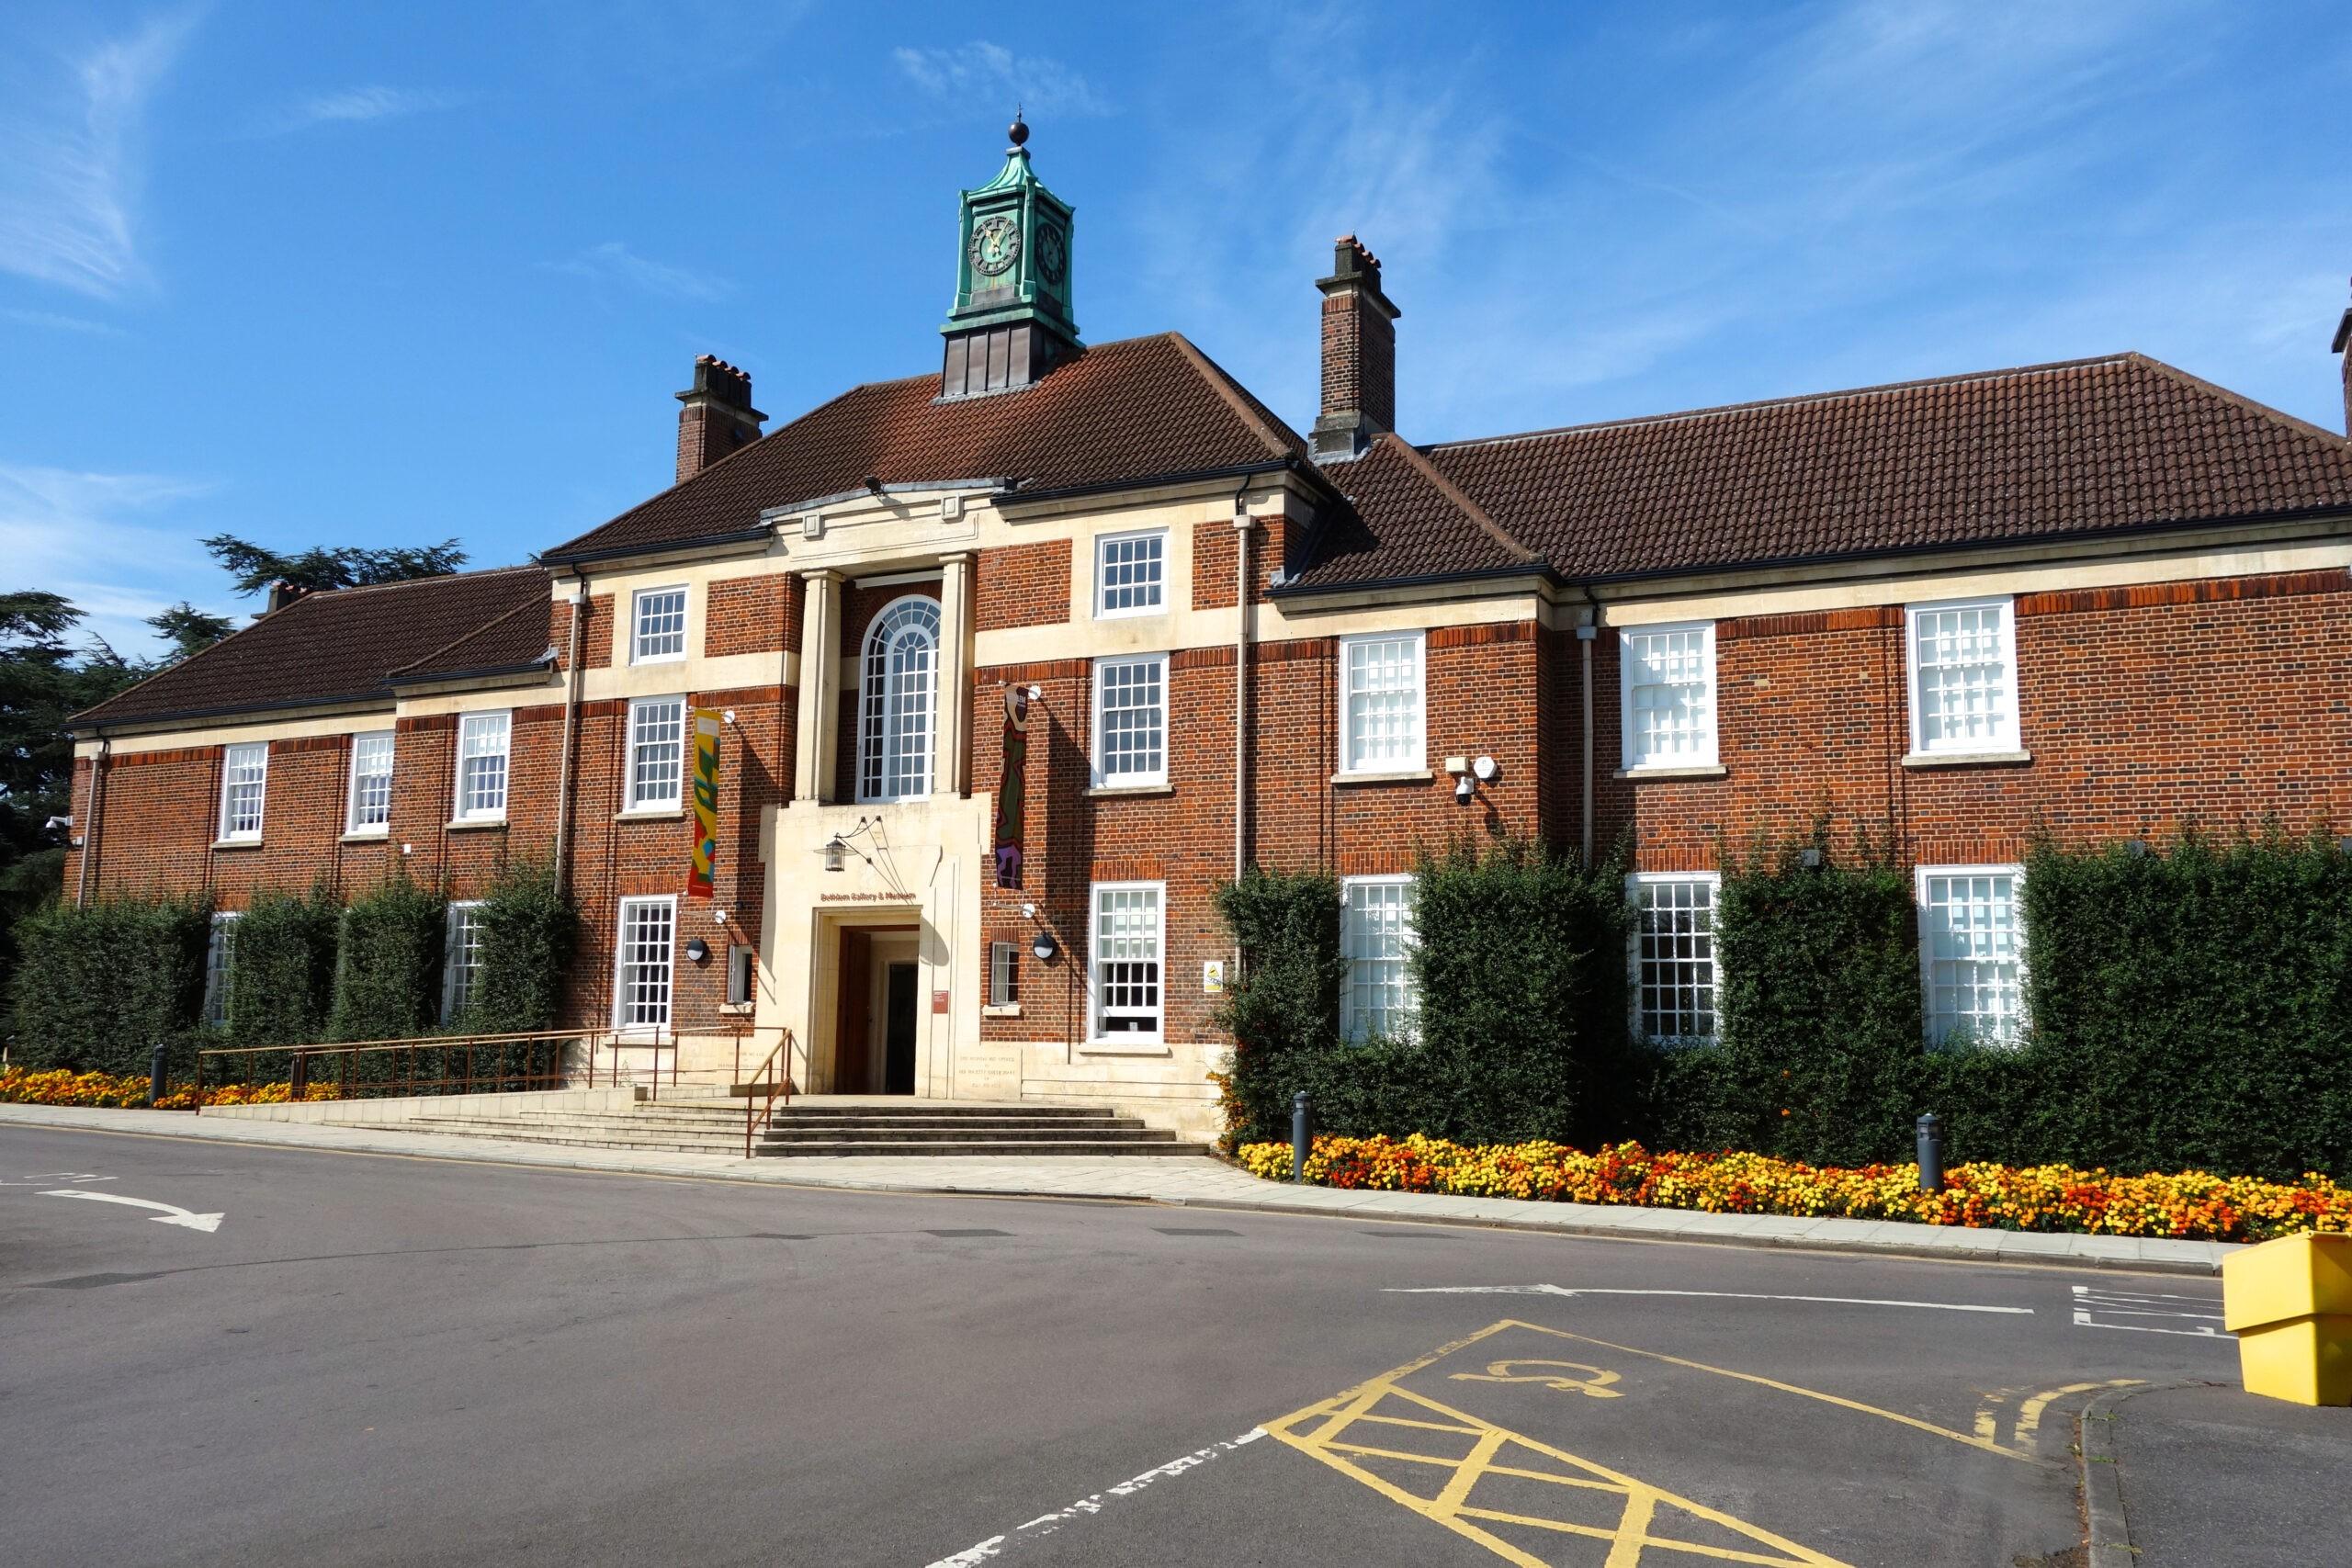 Βασιλικό Νοσοκομείο Bethlem, Λονδίνο